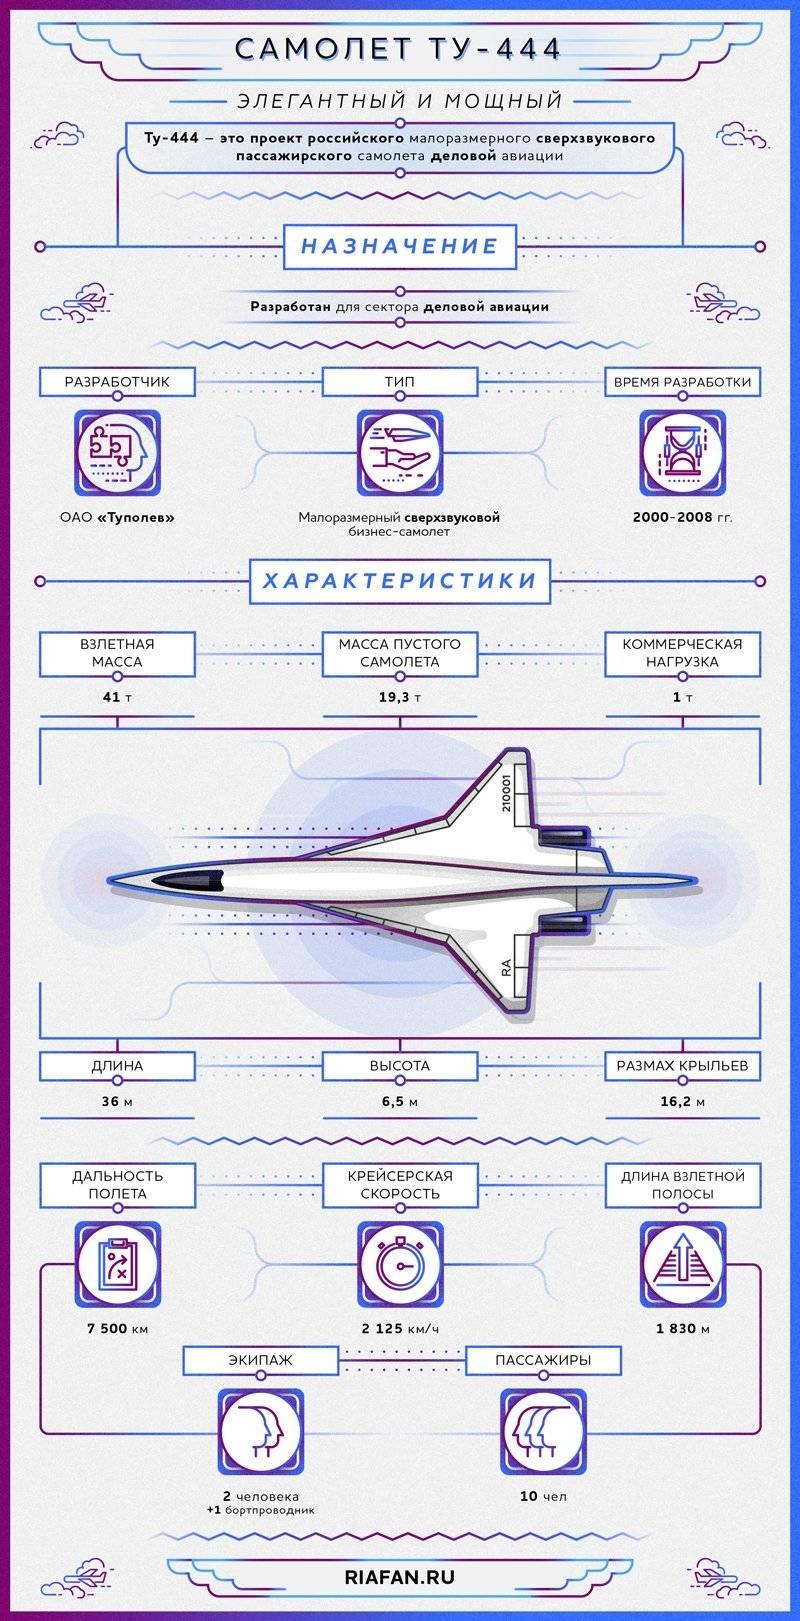 Проект сверхзвукового пассажирского самолёта Ту-444. Инфографика